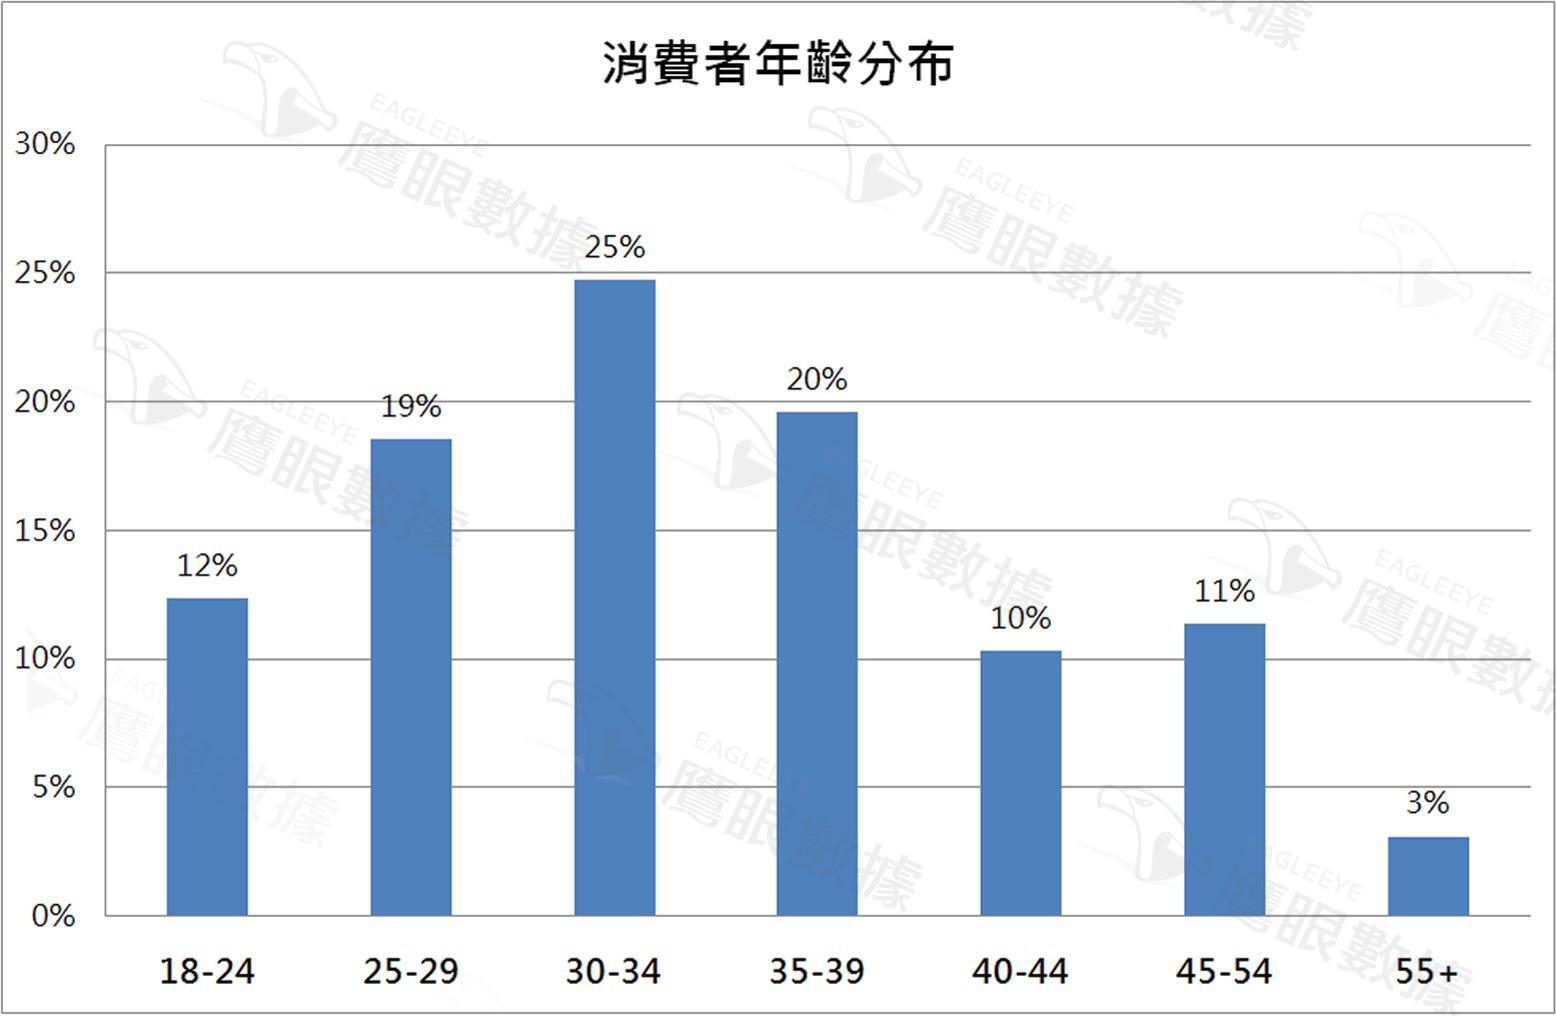 〈2015年5月〉台灣網路消費者對「慢跑鞋」購買行為與通路分析-EAGLEEYE鷹眼數據